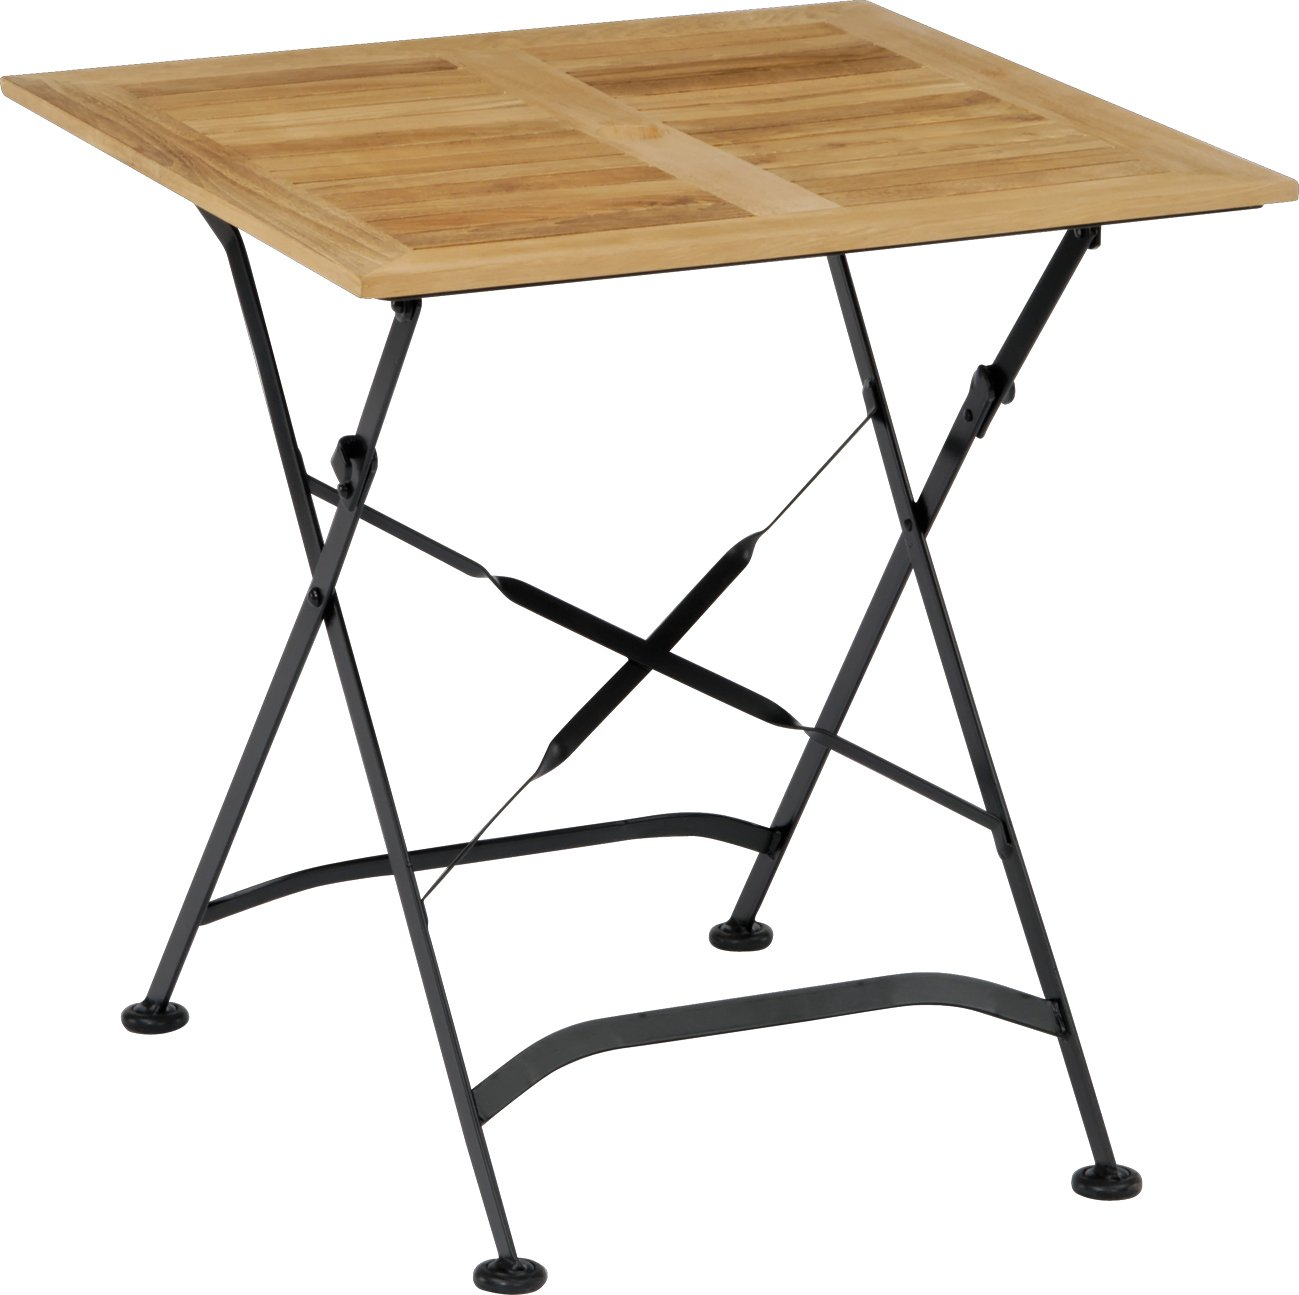 Stern 426715 Klapptisch Montana 70 x 70 cm, Gestell Eisen schwarz, Holz Teak massiv günstig bestellen